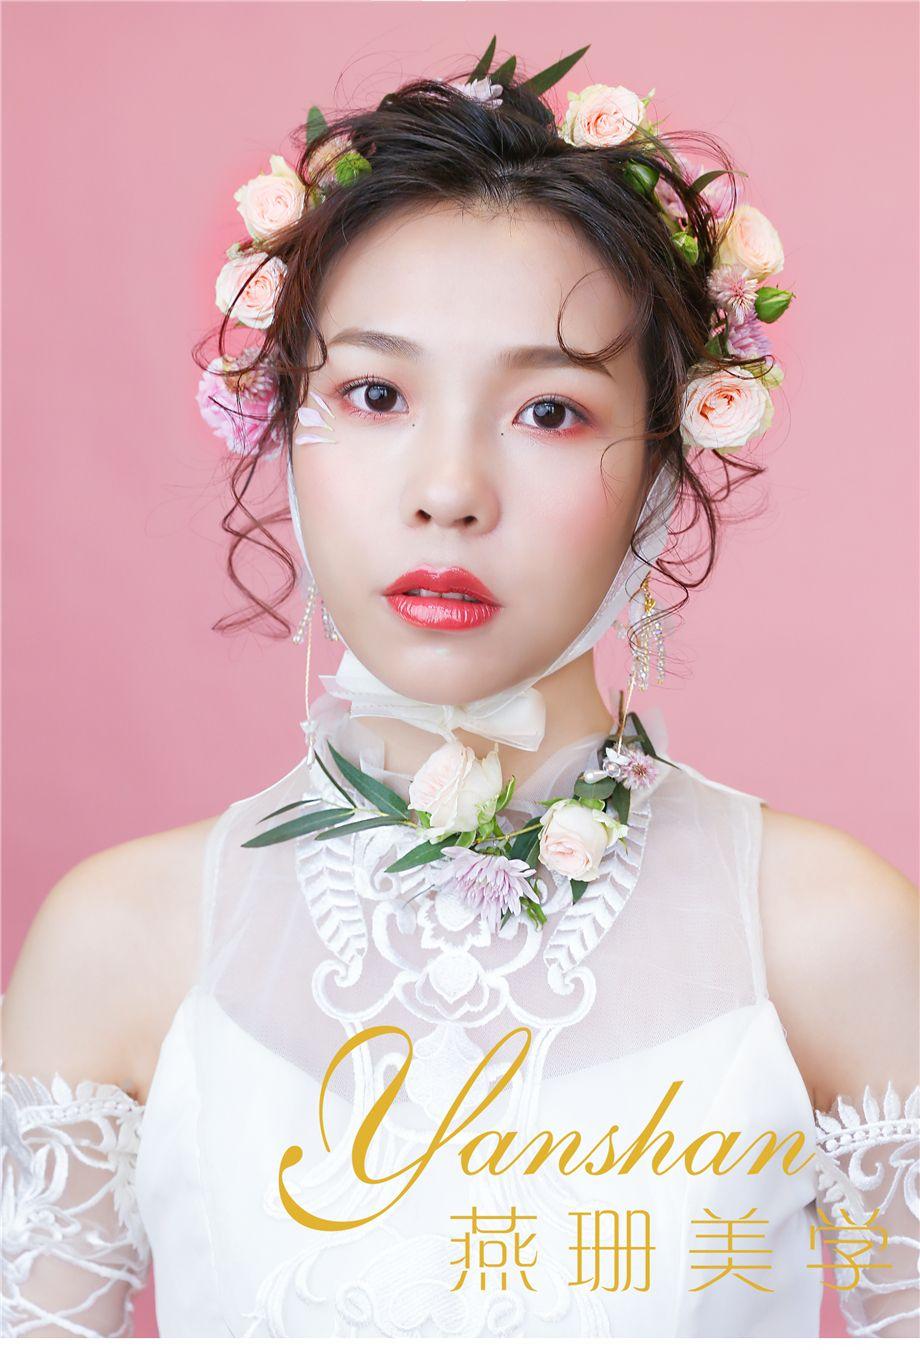 日系风鲜花新娘 化妆造型